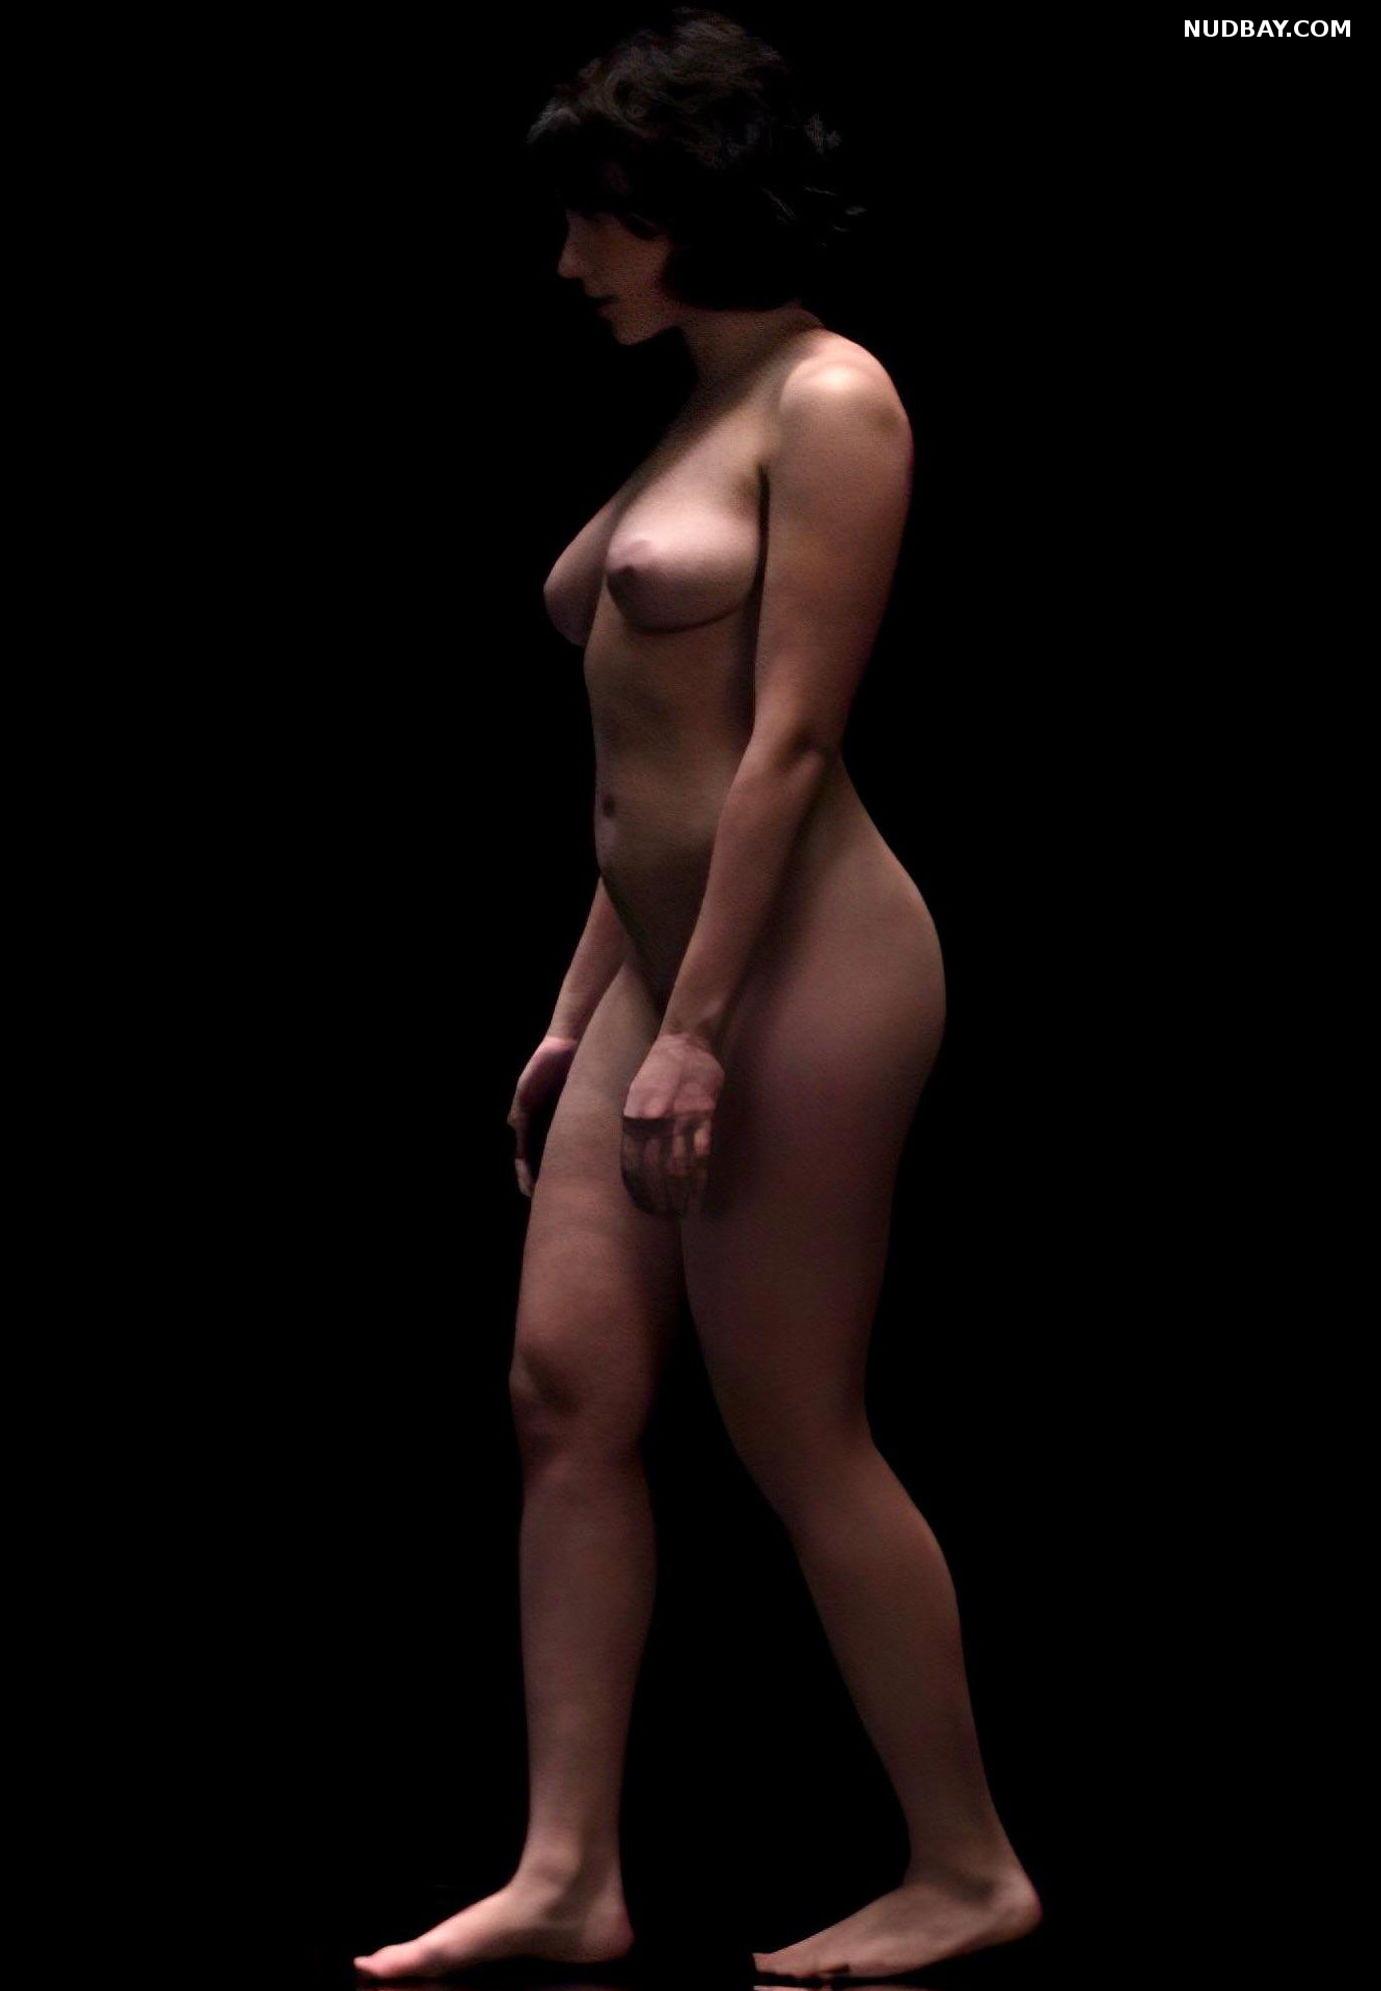 Scarlett Johansson nude in Under the Skin